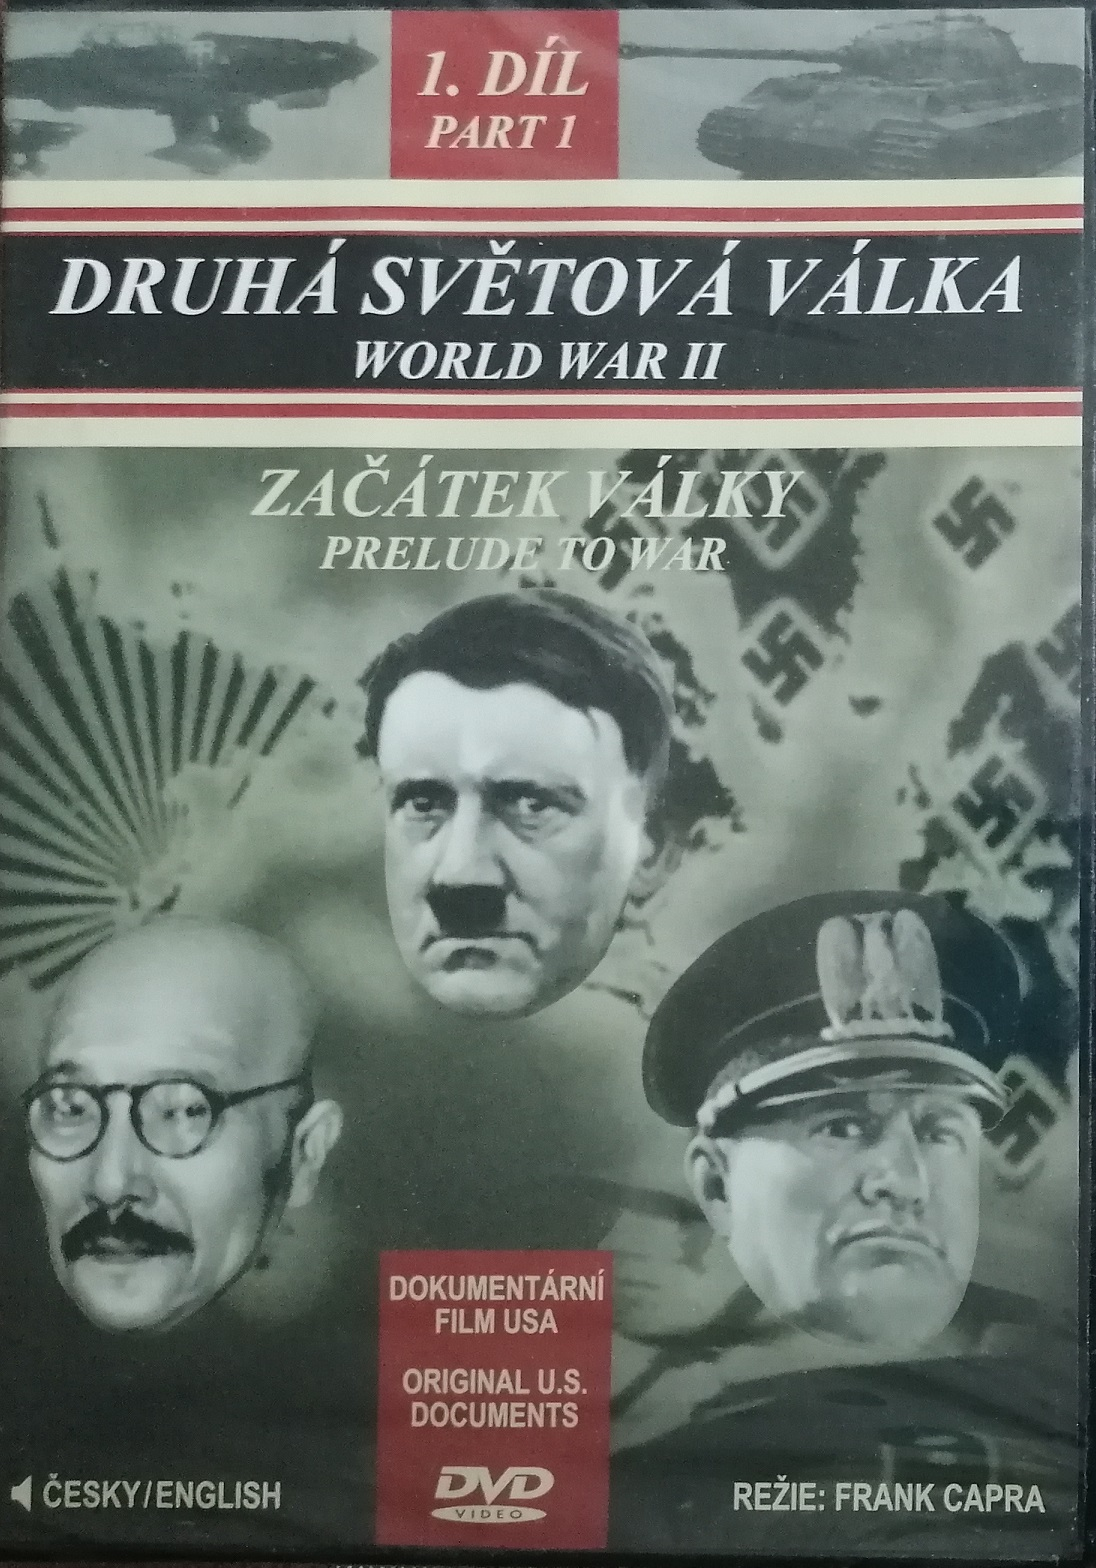 Druhá světová válka 1. díl - začátek války - DVD plast